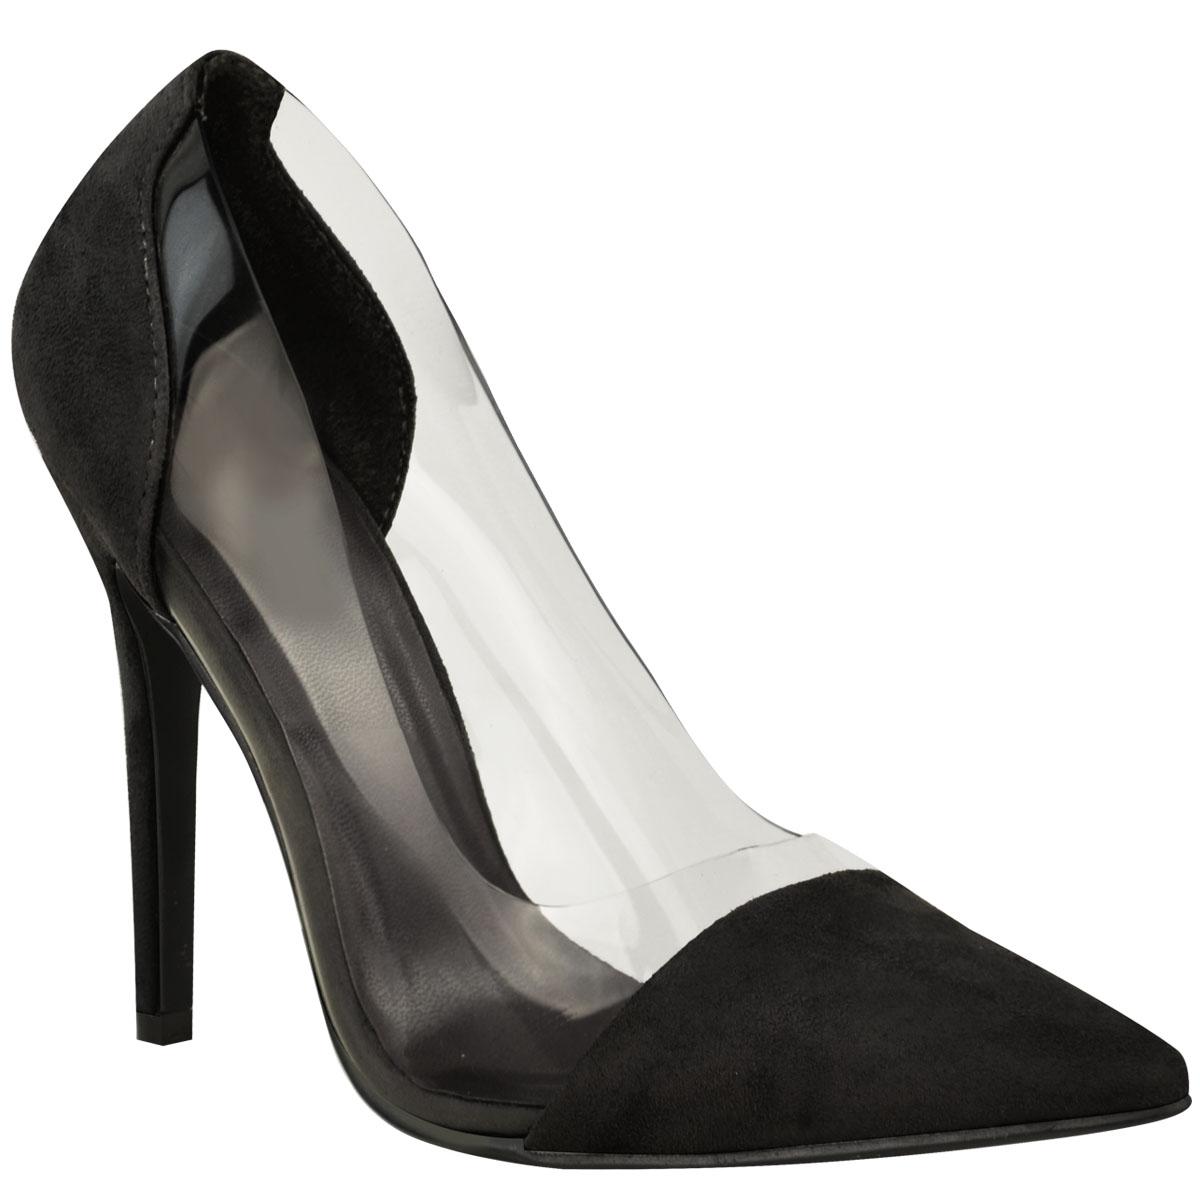 Mujer señoras Perspex Transparente De Salón Zapatos de Taco Alto Fiesta Sandalias Tribunal Zapatos Talla Uk